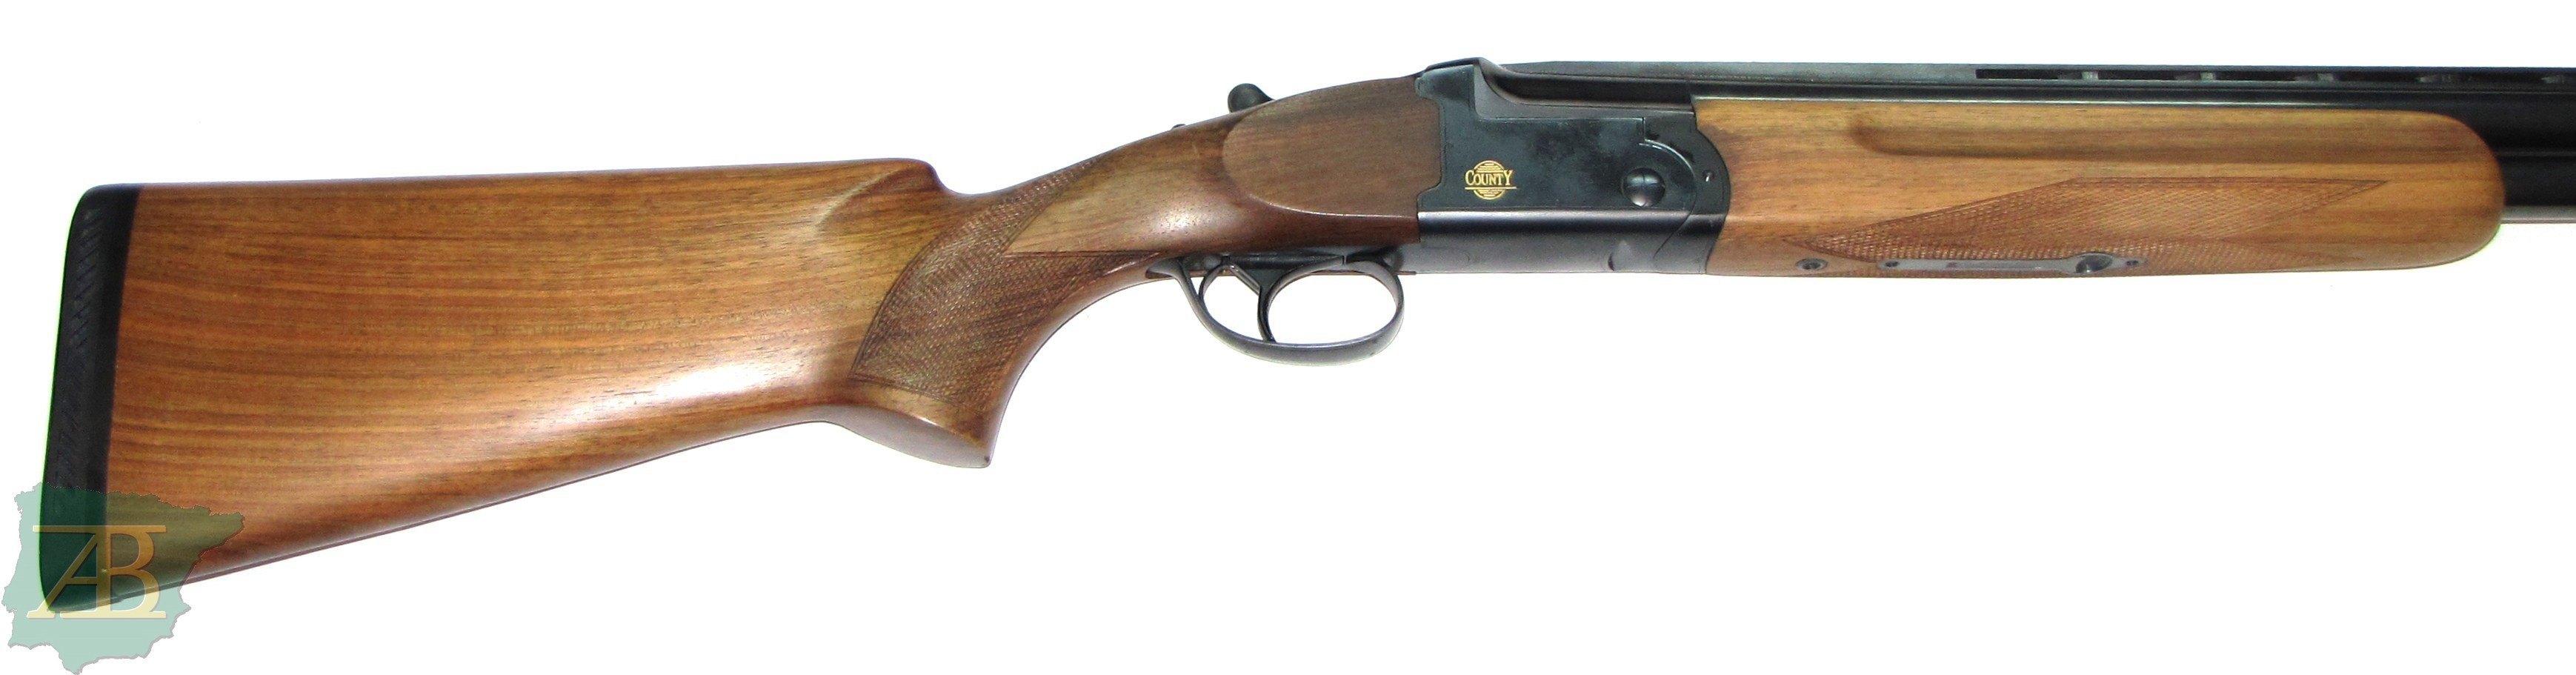 Escopeta superpuesta de TRAP COUNTY ref 5418-armeriaibierica-2